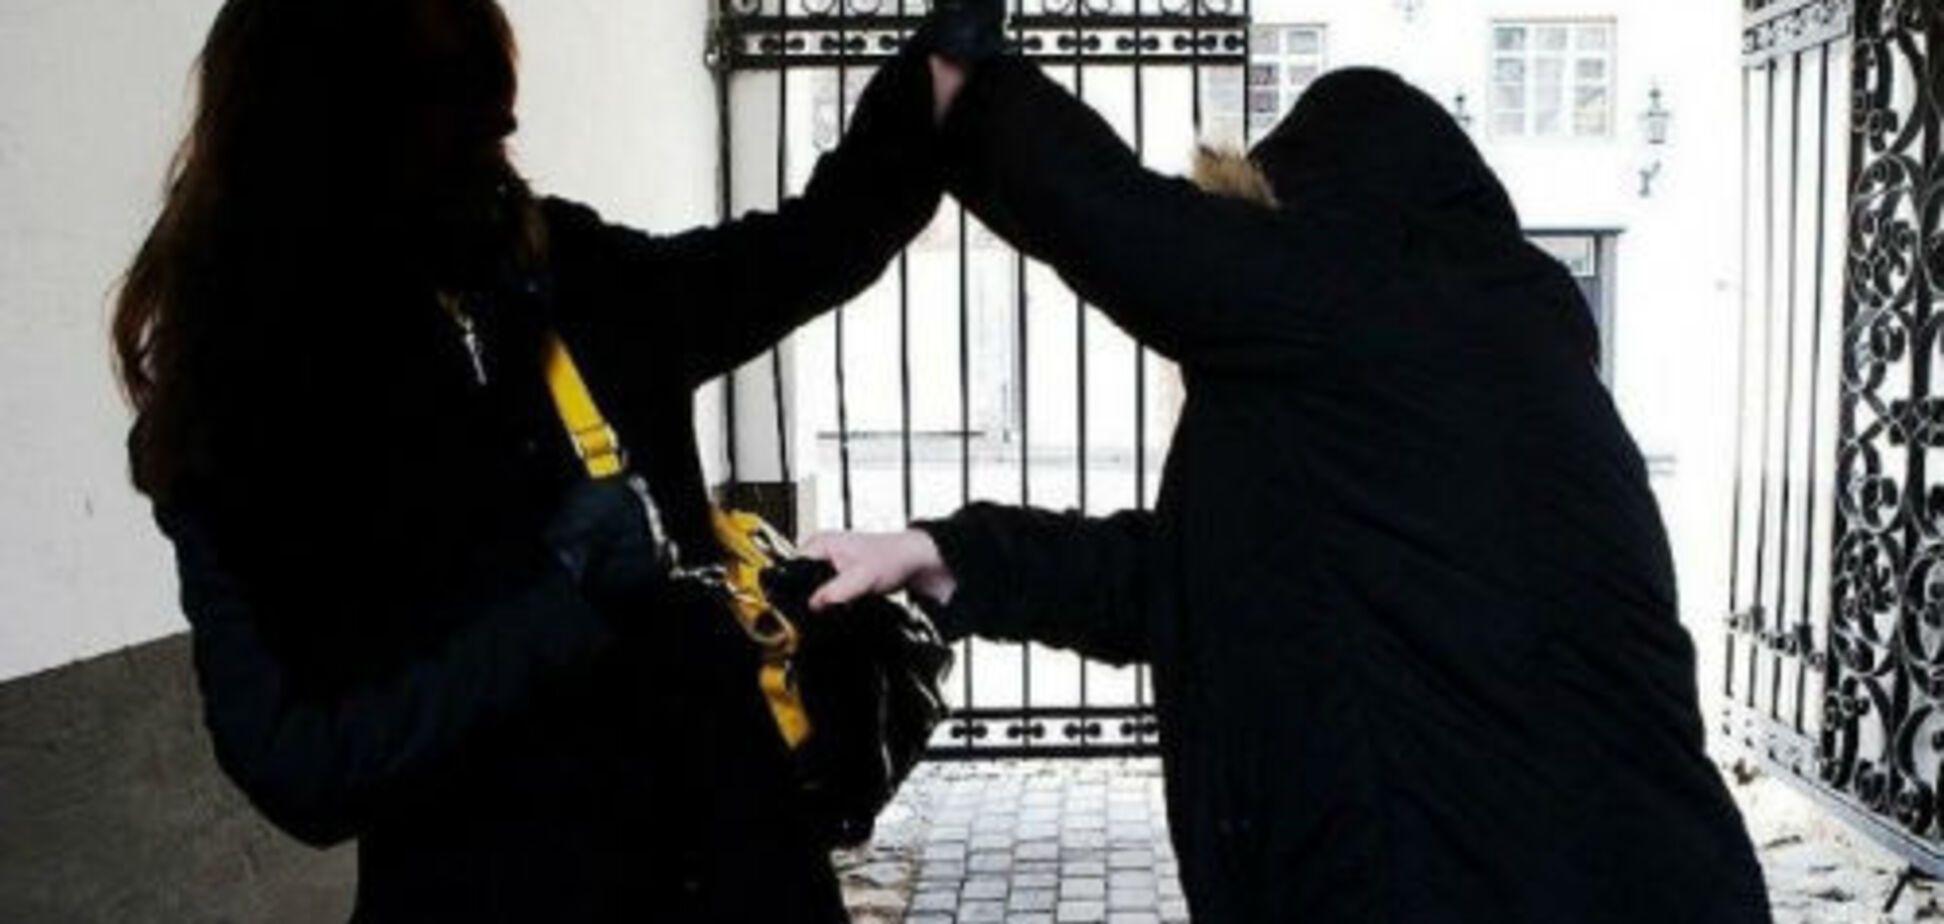 Йшла за дитиною в дитсадок: на Київщині зарізали багатодітну матір